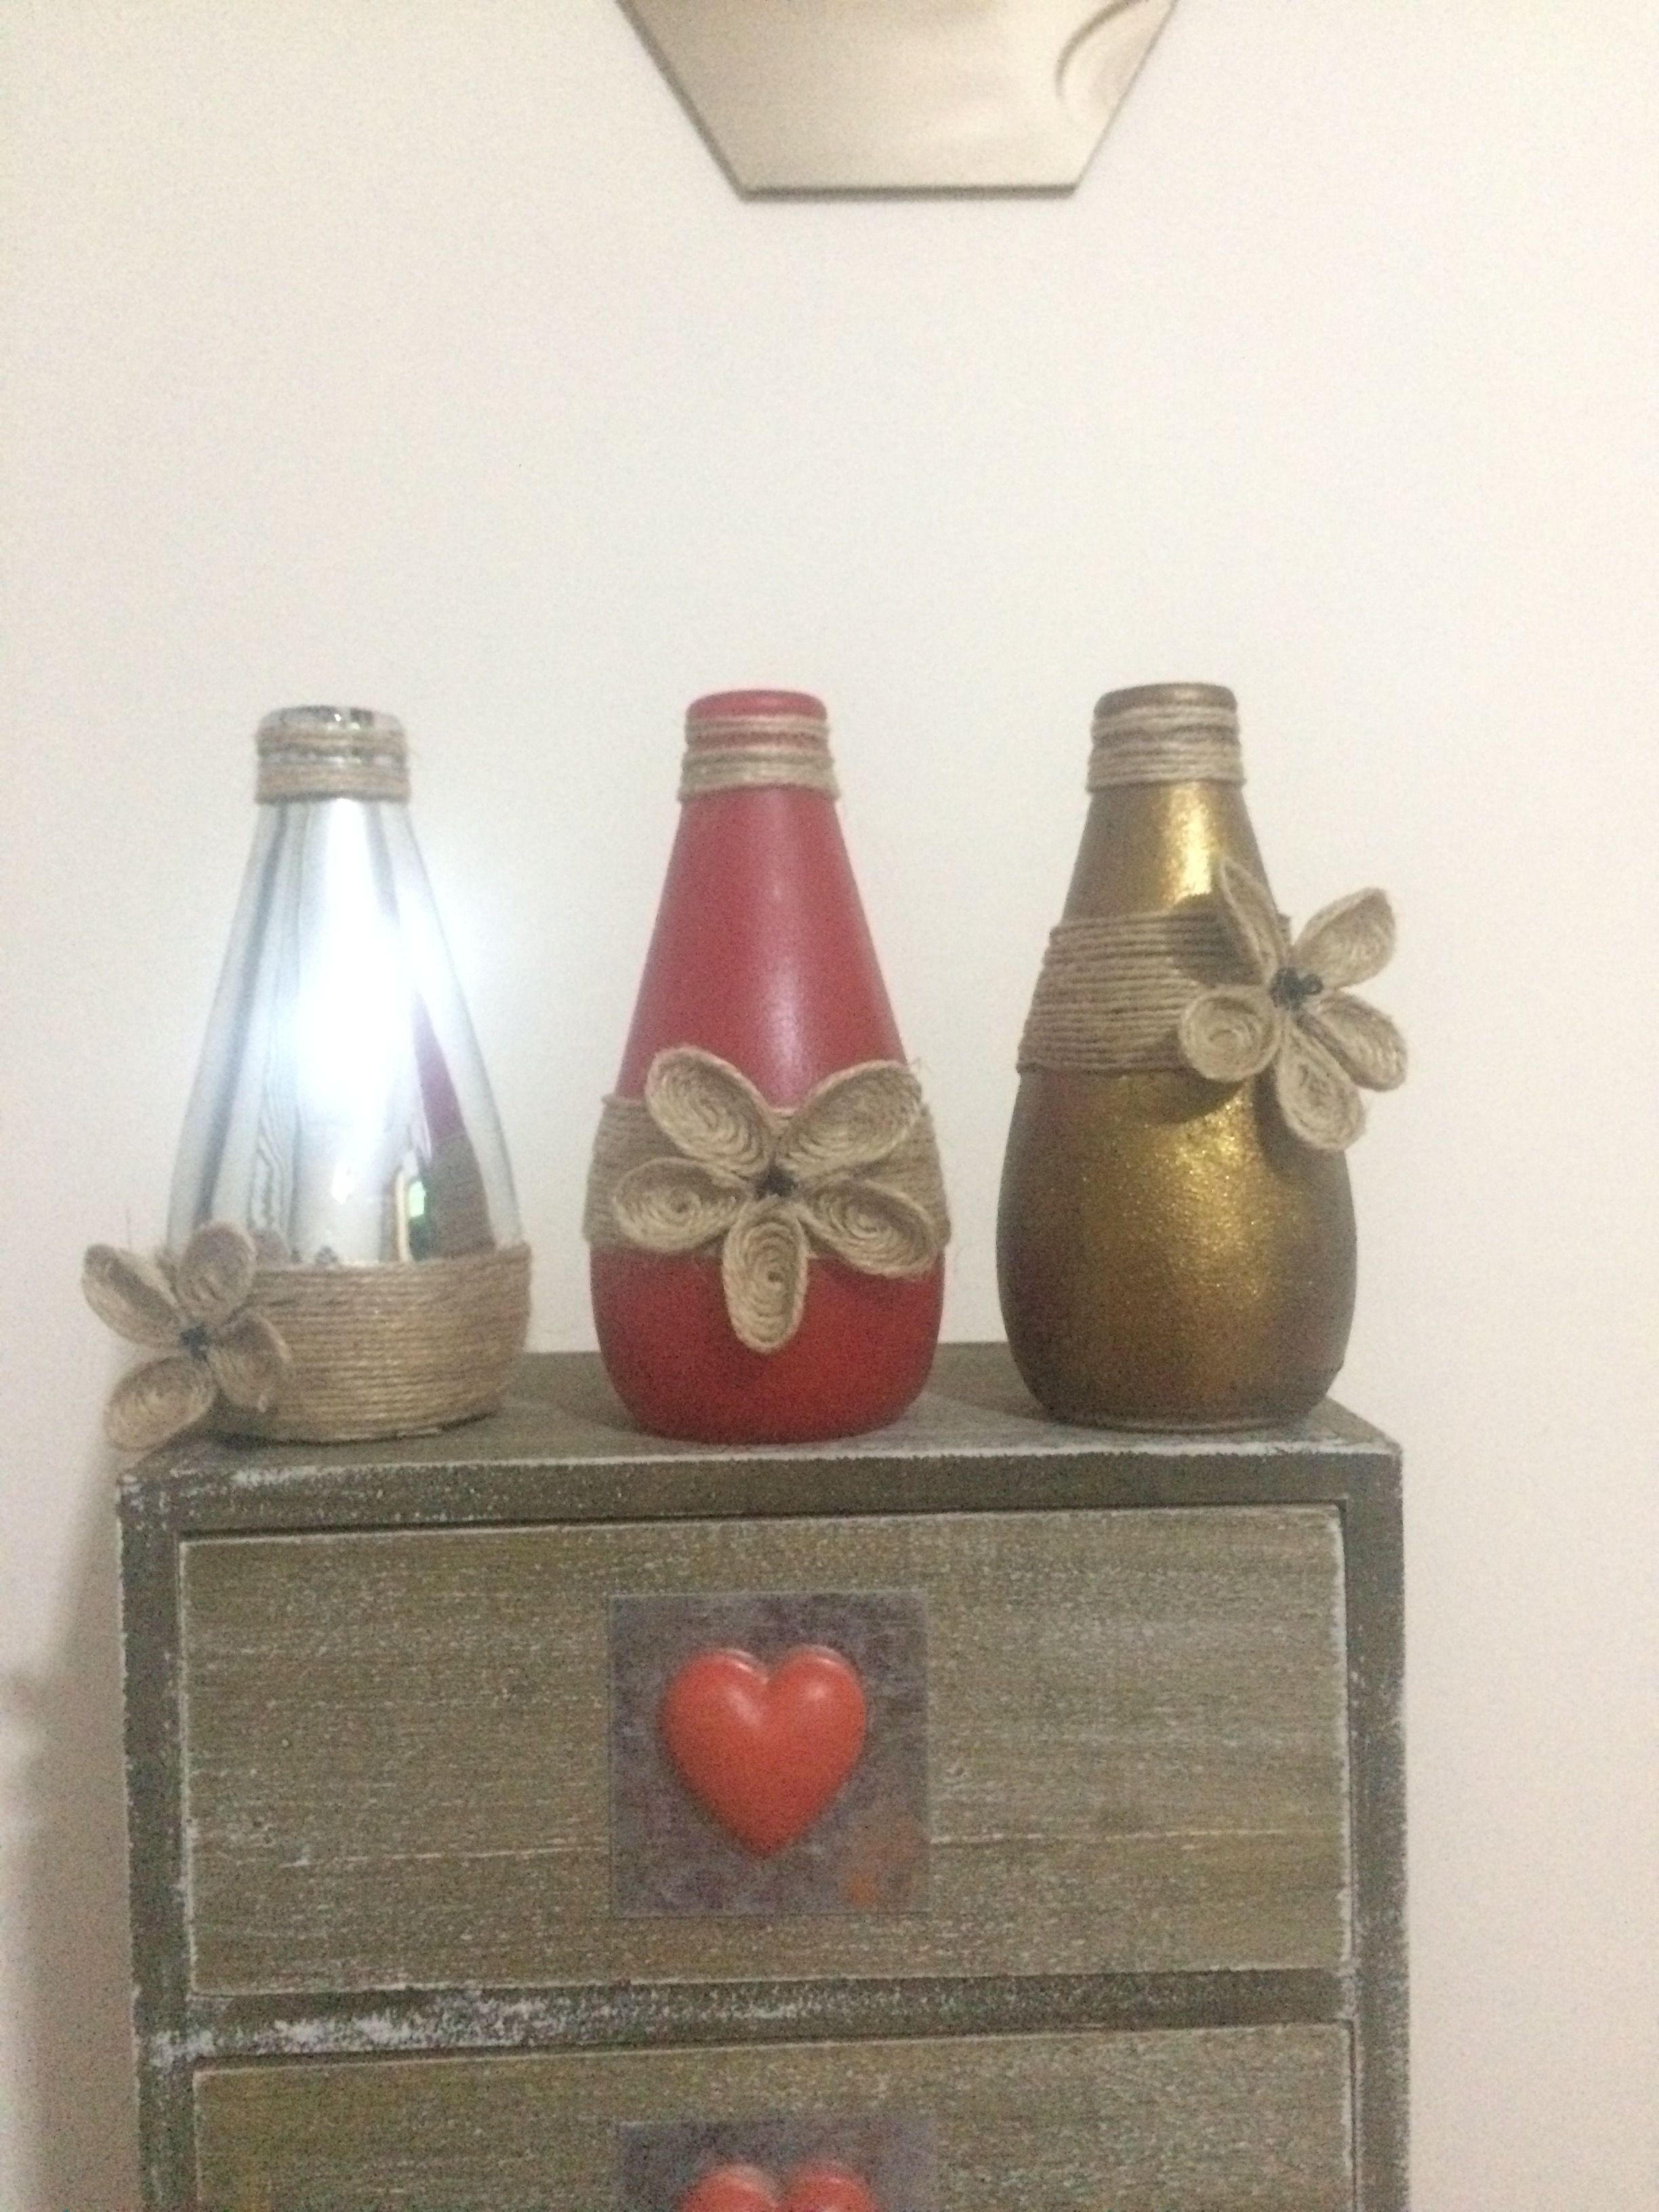 Vazo şişe Boyama Art Artcraft Avşar Soda şişesi Glass Painting Rope